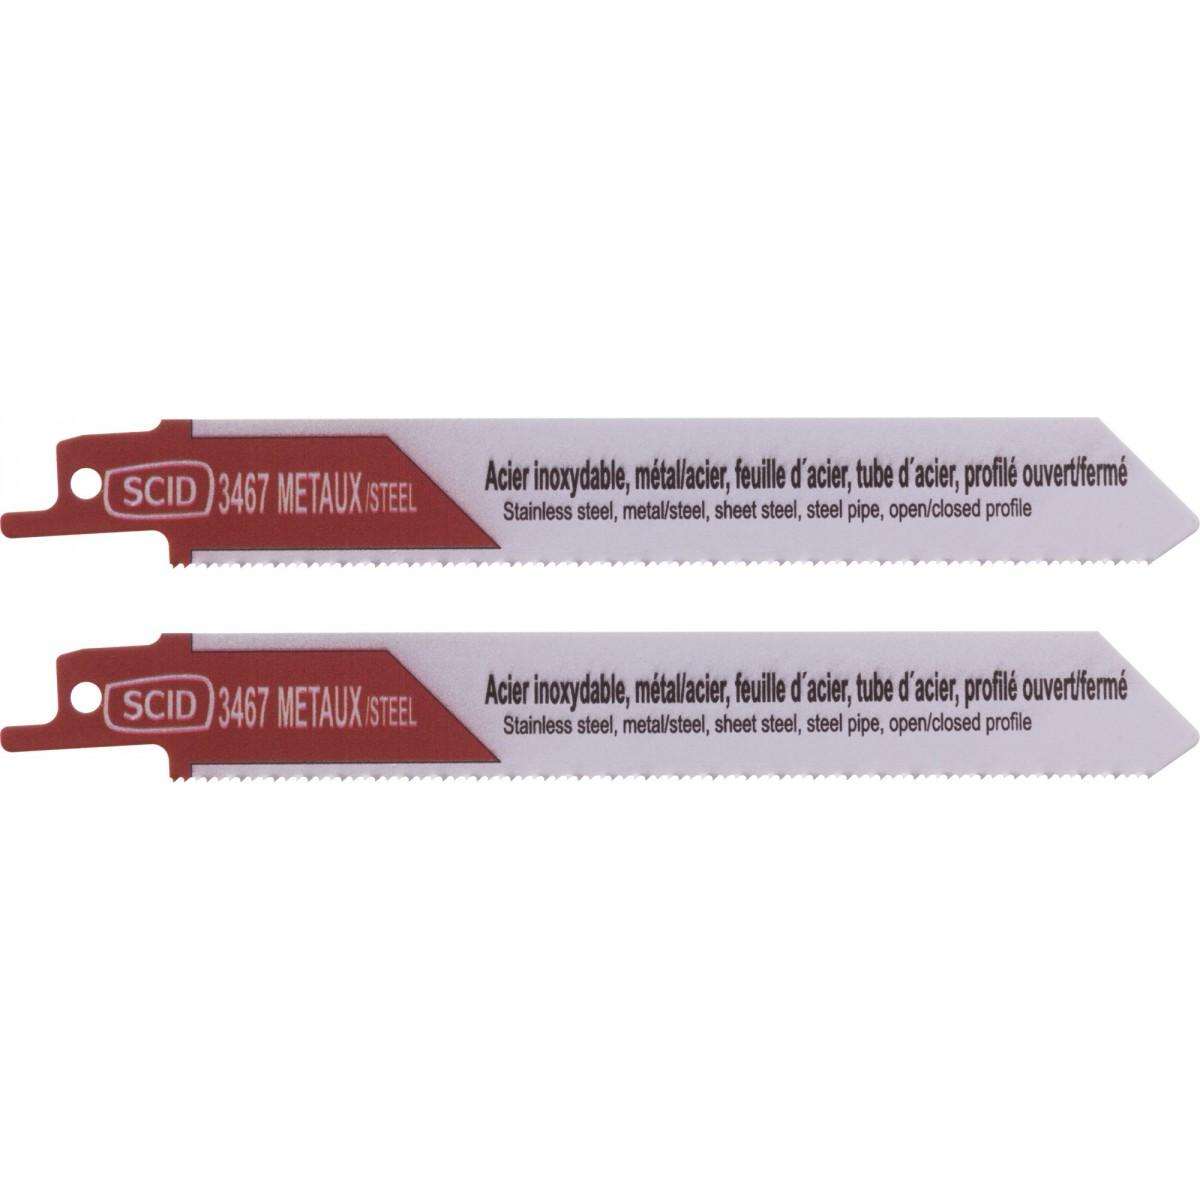 Lame de scie sabre classique métal SCID - Epaisseur 0,9 mm - Longueur 150 mm - Vendu par 2